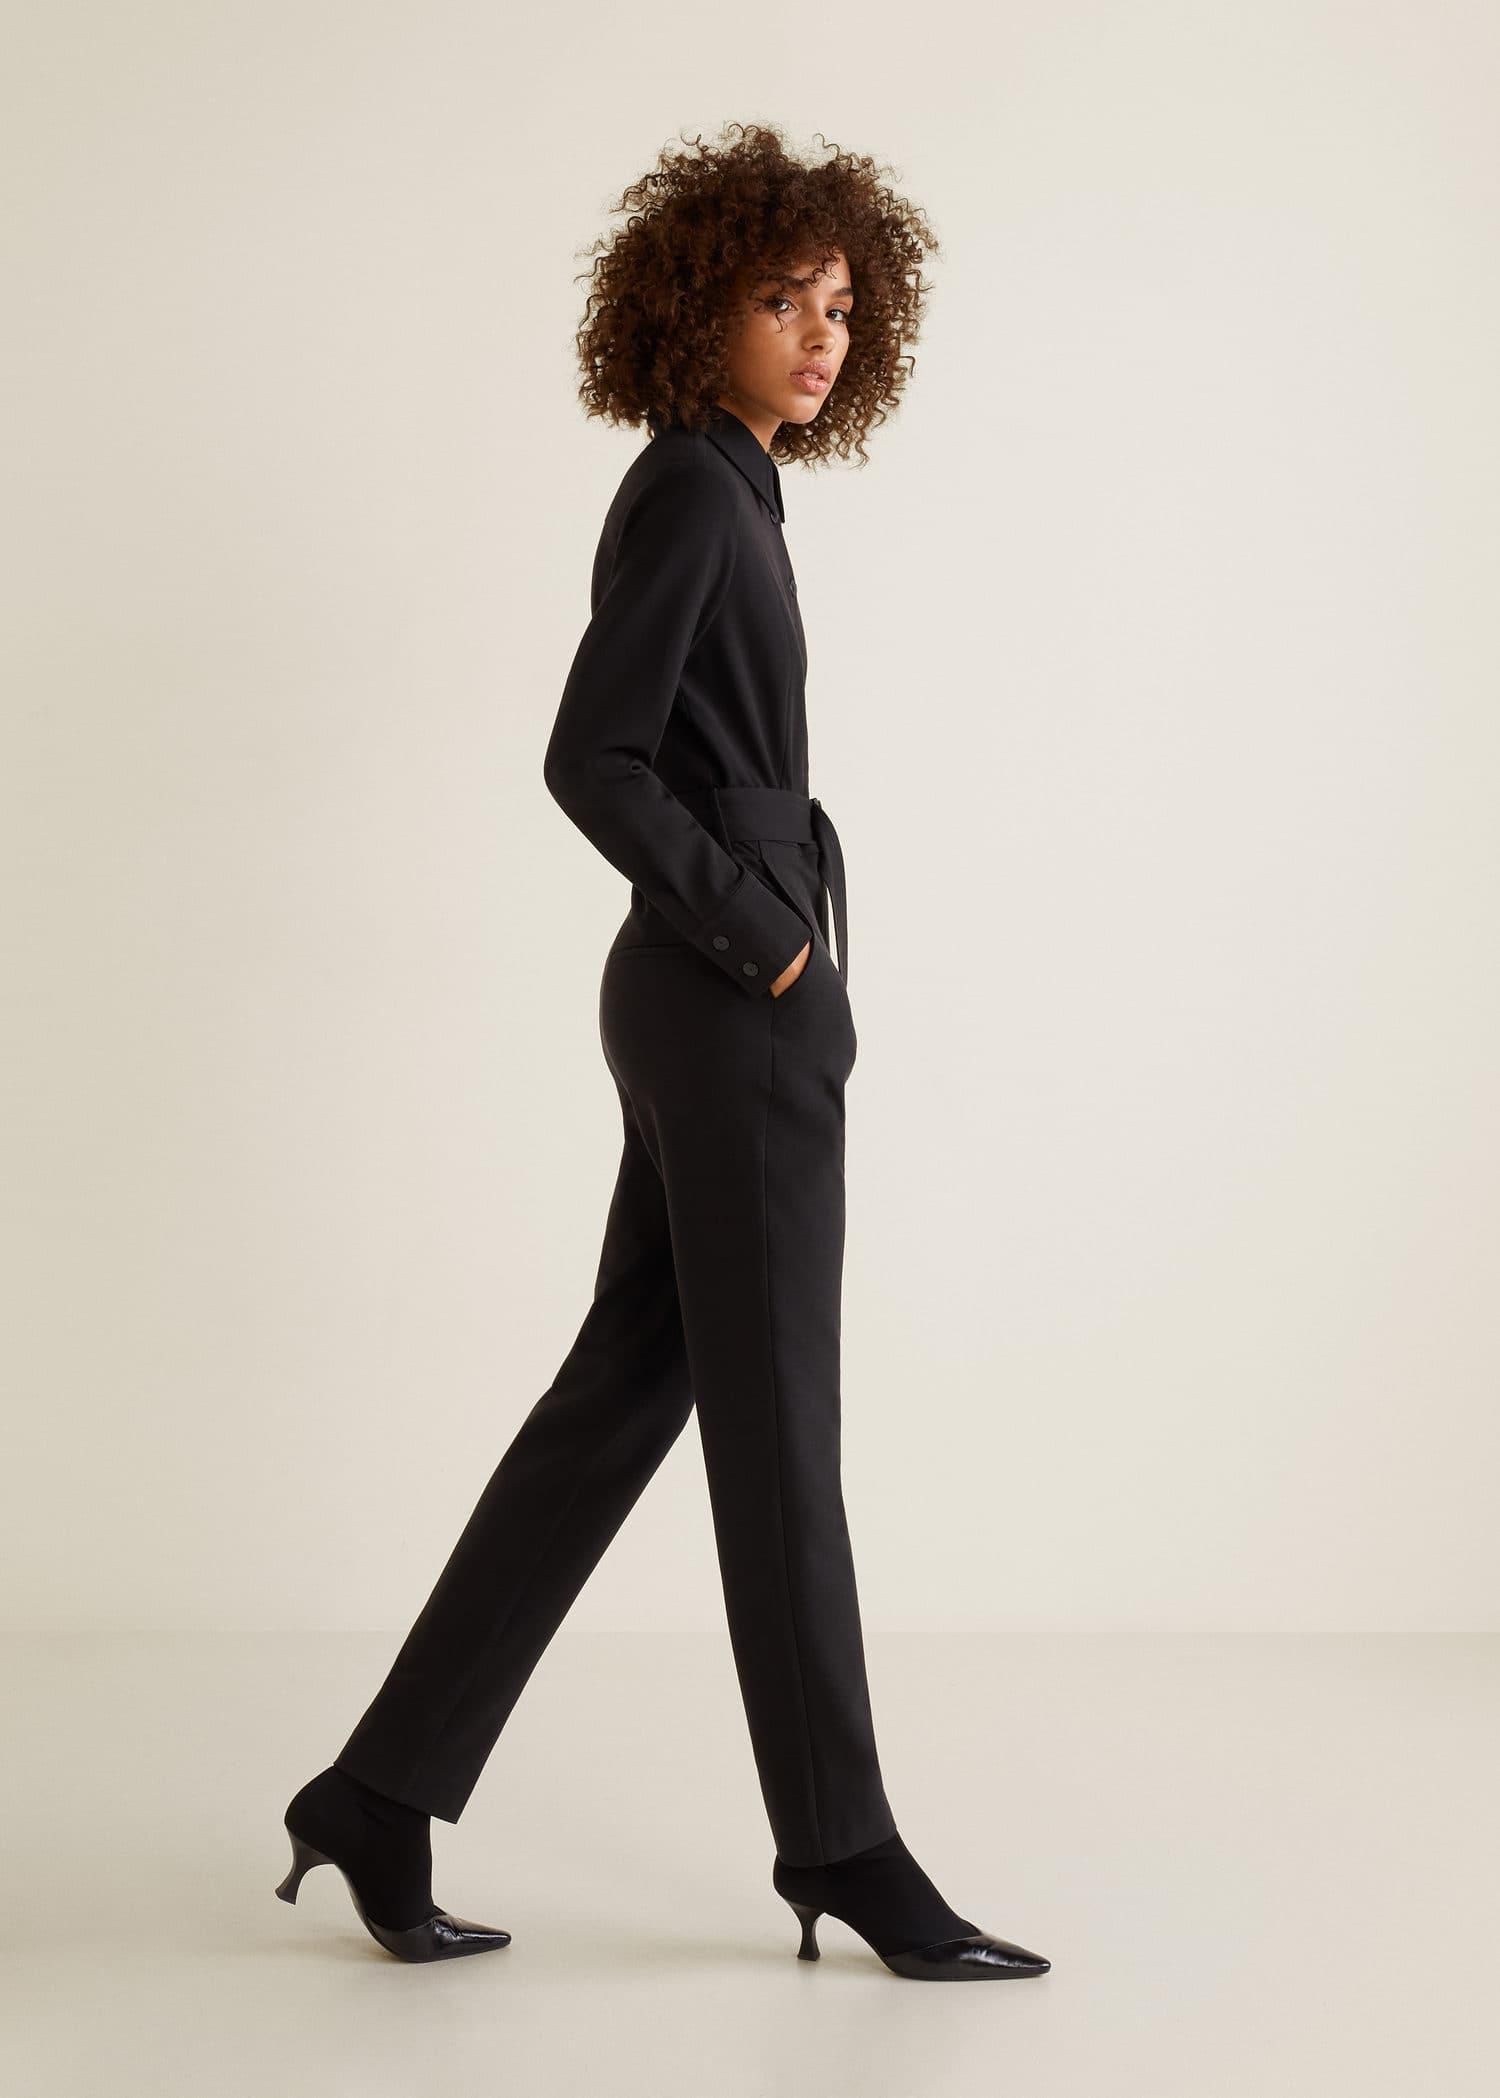 calzado brillo encantador venta caliente barato Monos - Prendas - Mujer | OUTLET España